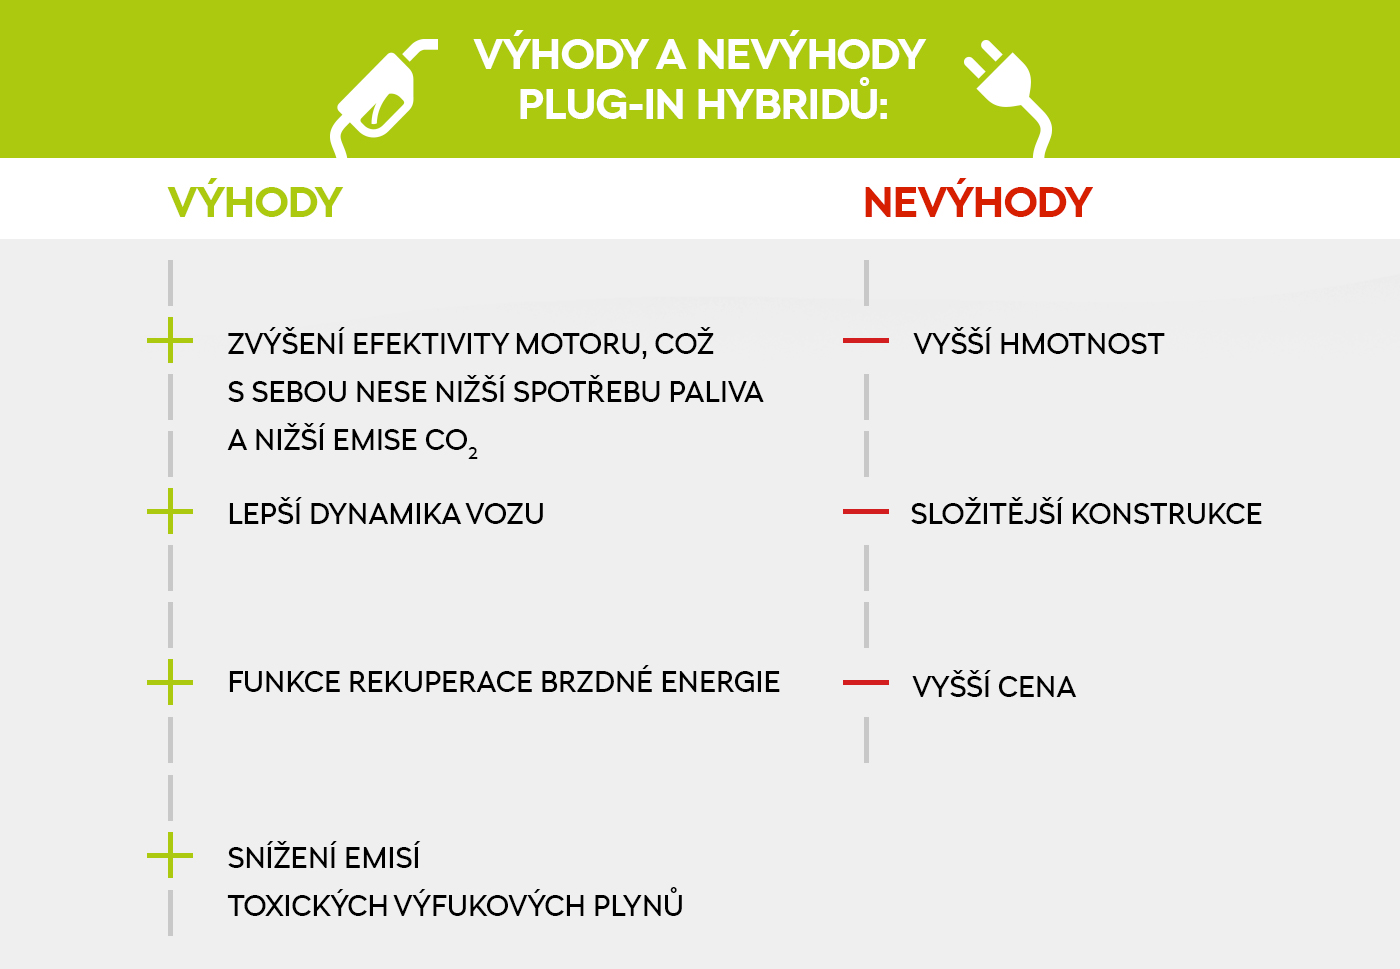 Výhody a nevýhody plug-in hybridů